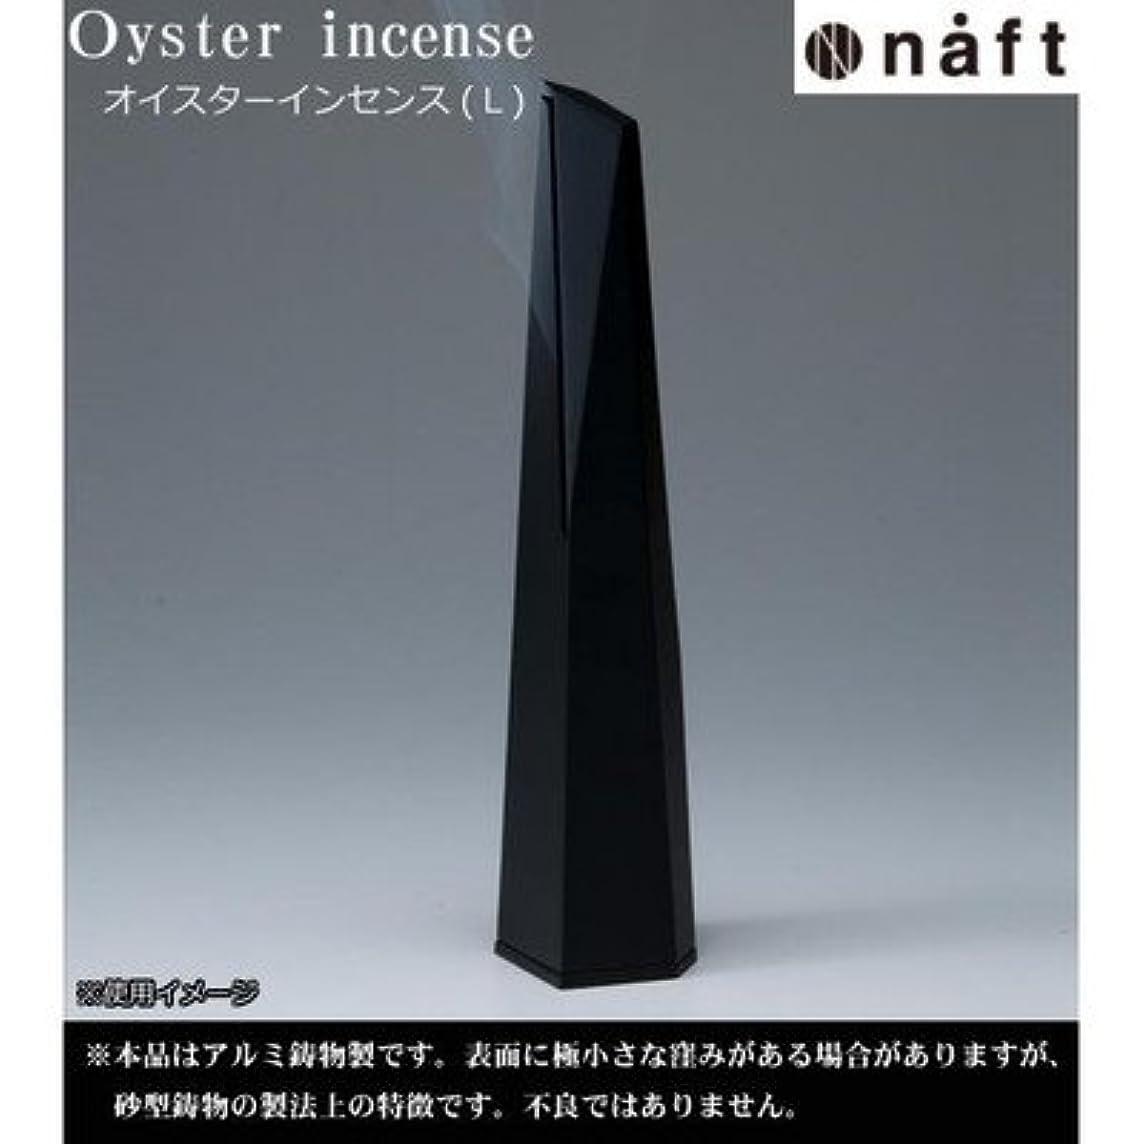 ルーキーファンブルロードハウスシンプルだけどインパクトのあるフォルムのお香立て naft Oyster incense オイスターインセンス 香炉 Lサイズ ブラック